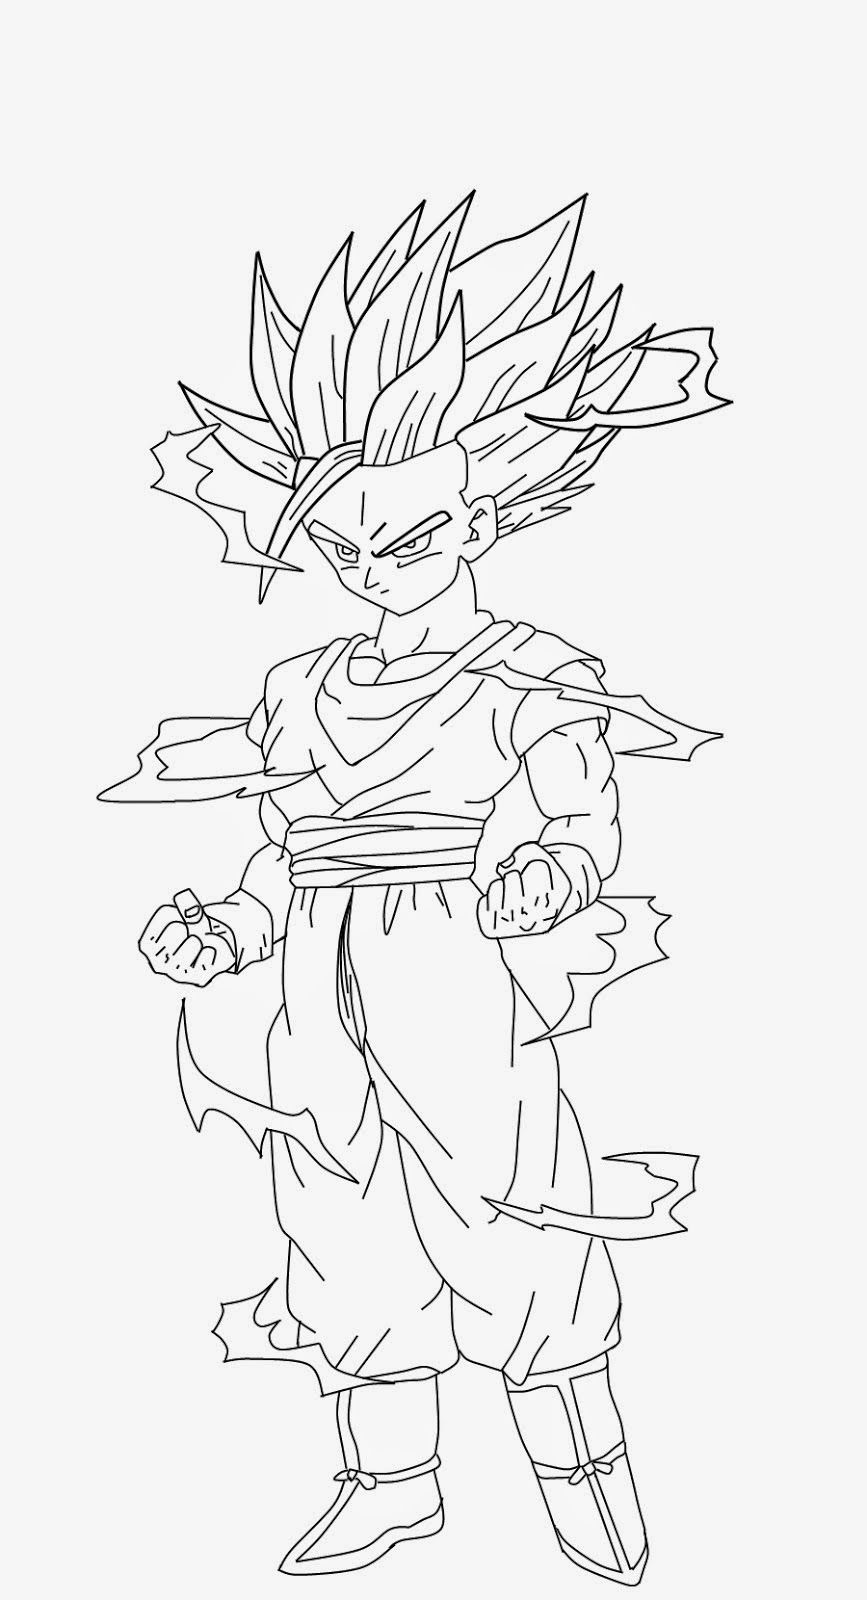 Desenho Dragon Ball Super Colorir Lifeanimes Com